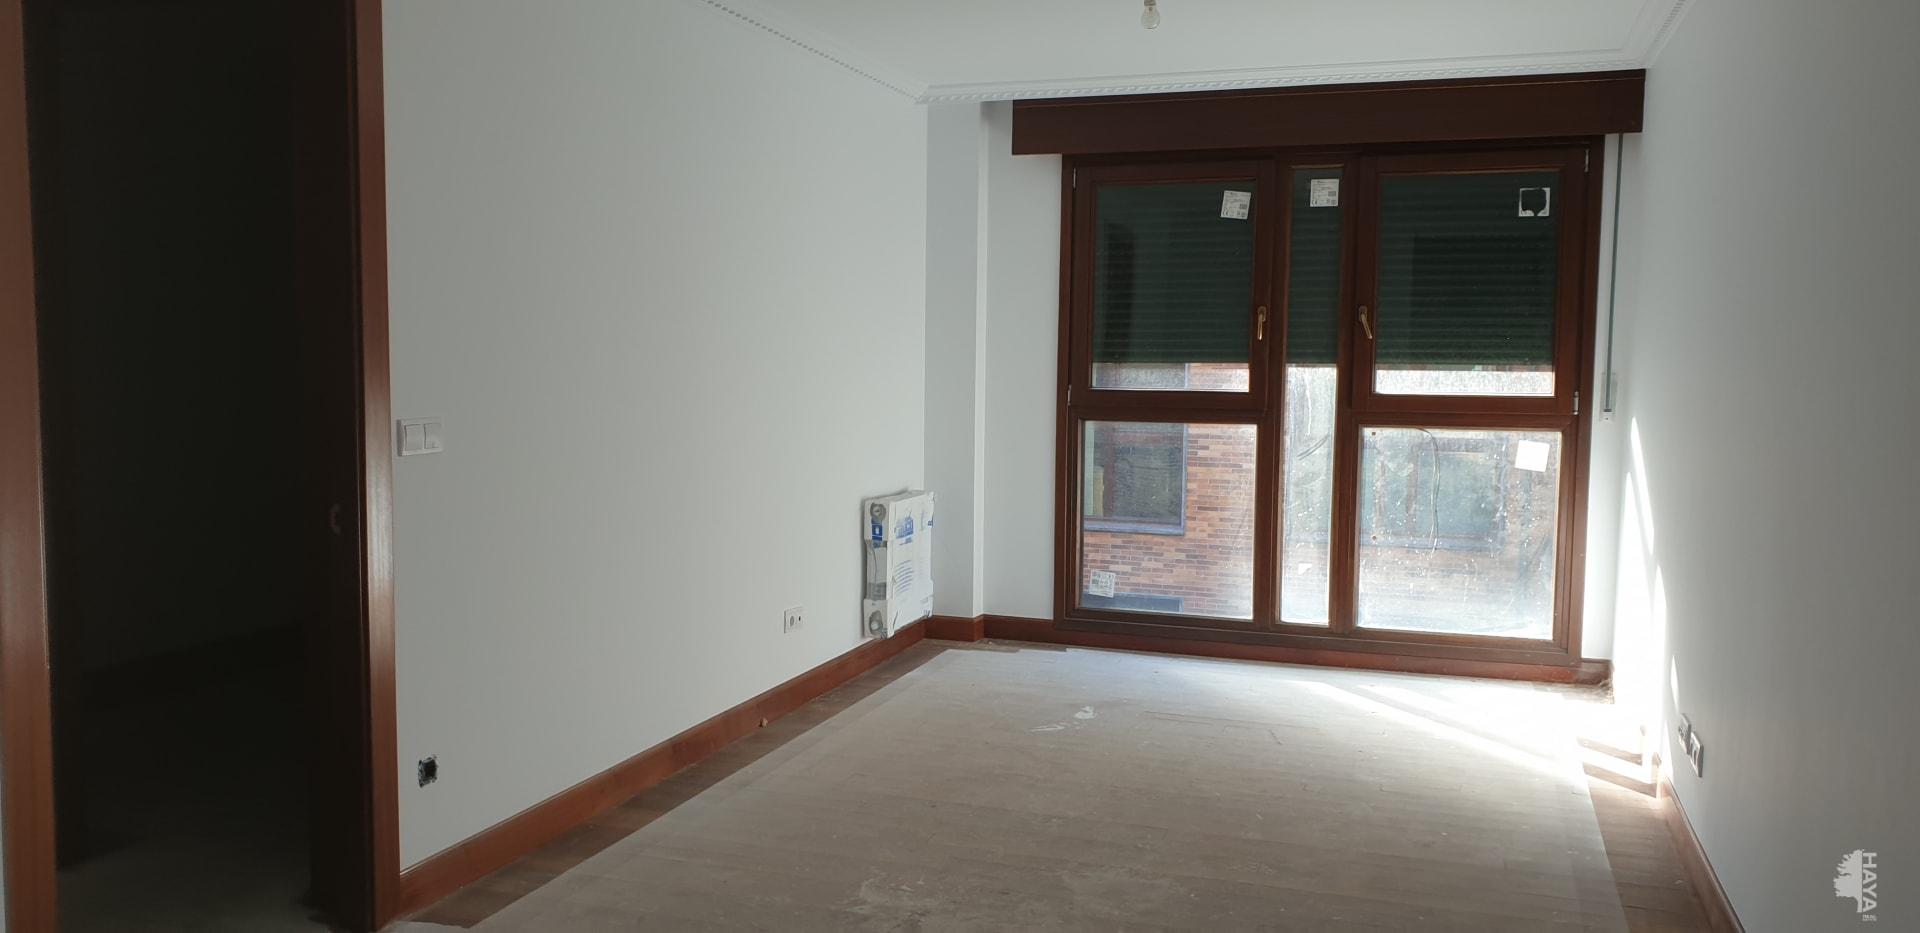 Piso en venta en Lemoa, Vizcaya, Calle Pozueta, 131.000 €, 2 habitaciones, 2 baños, 74 m2